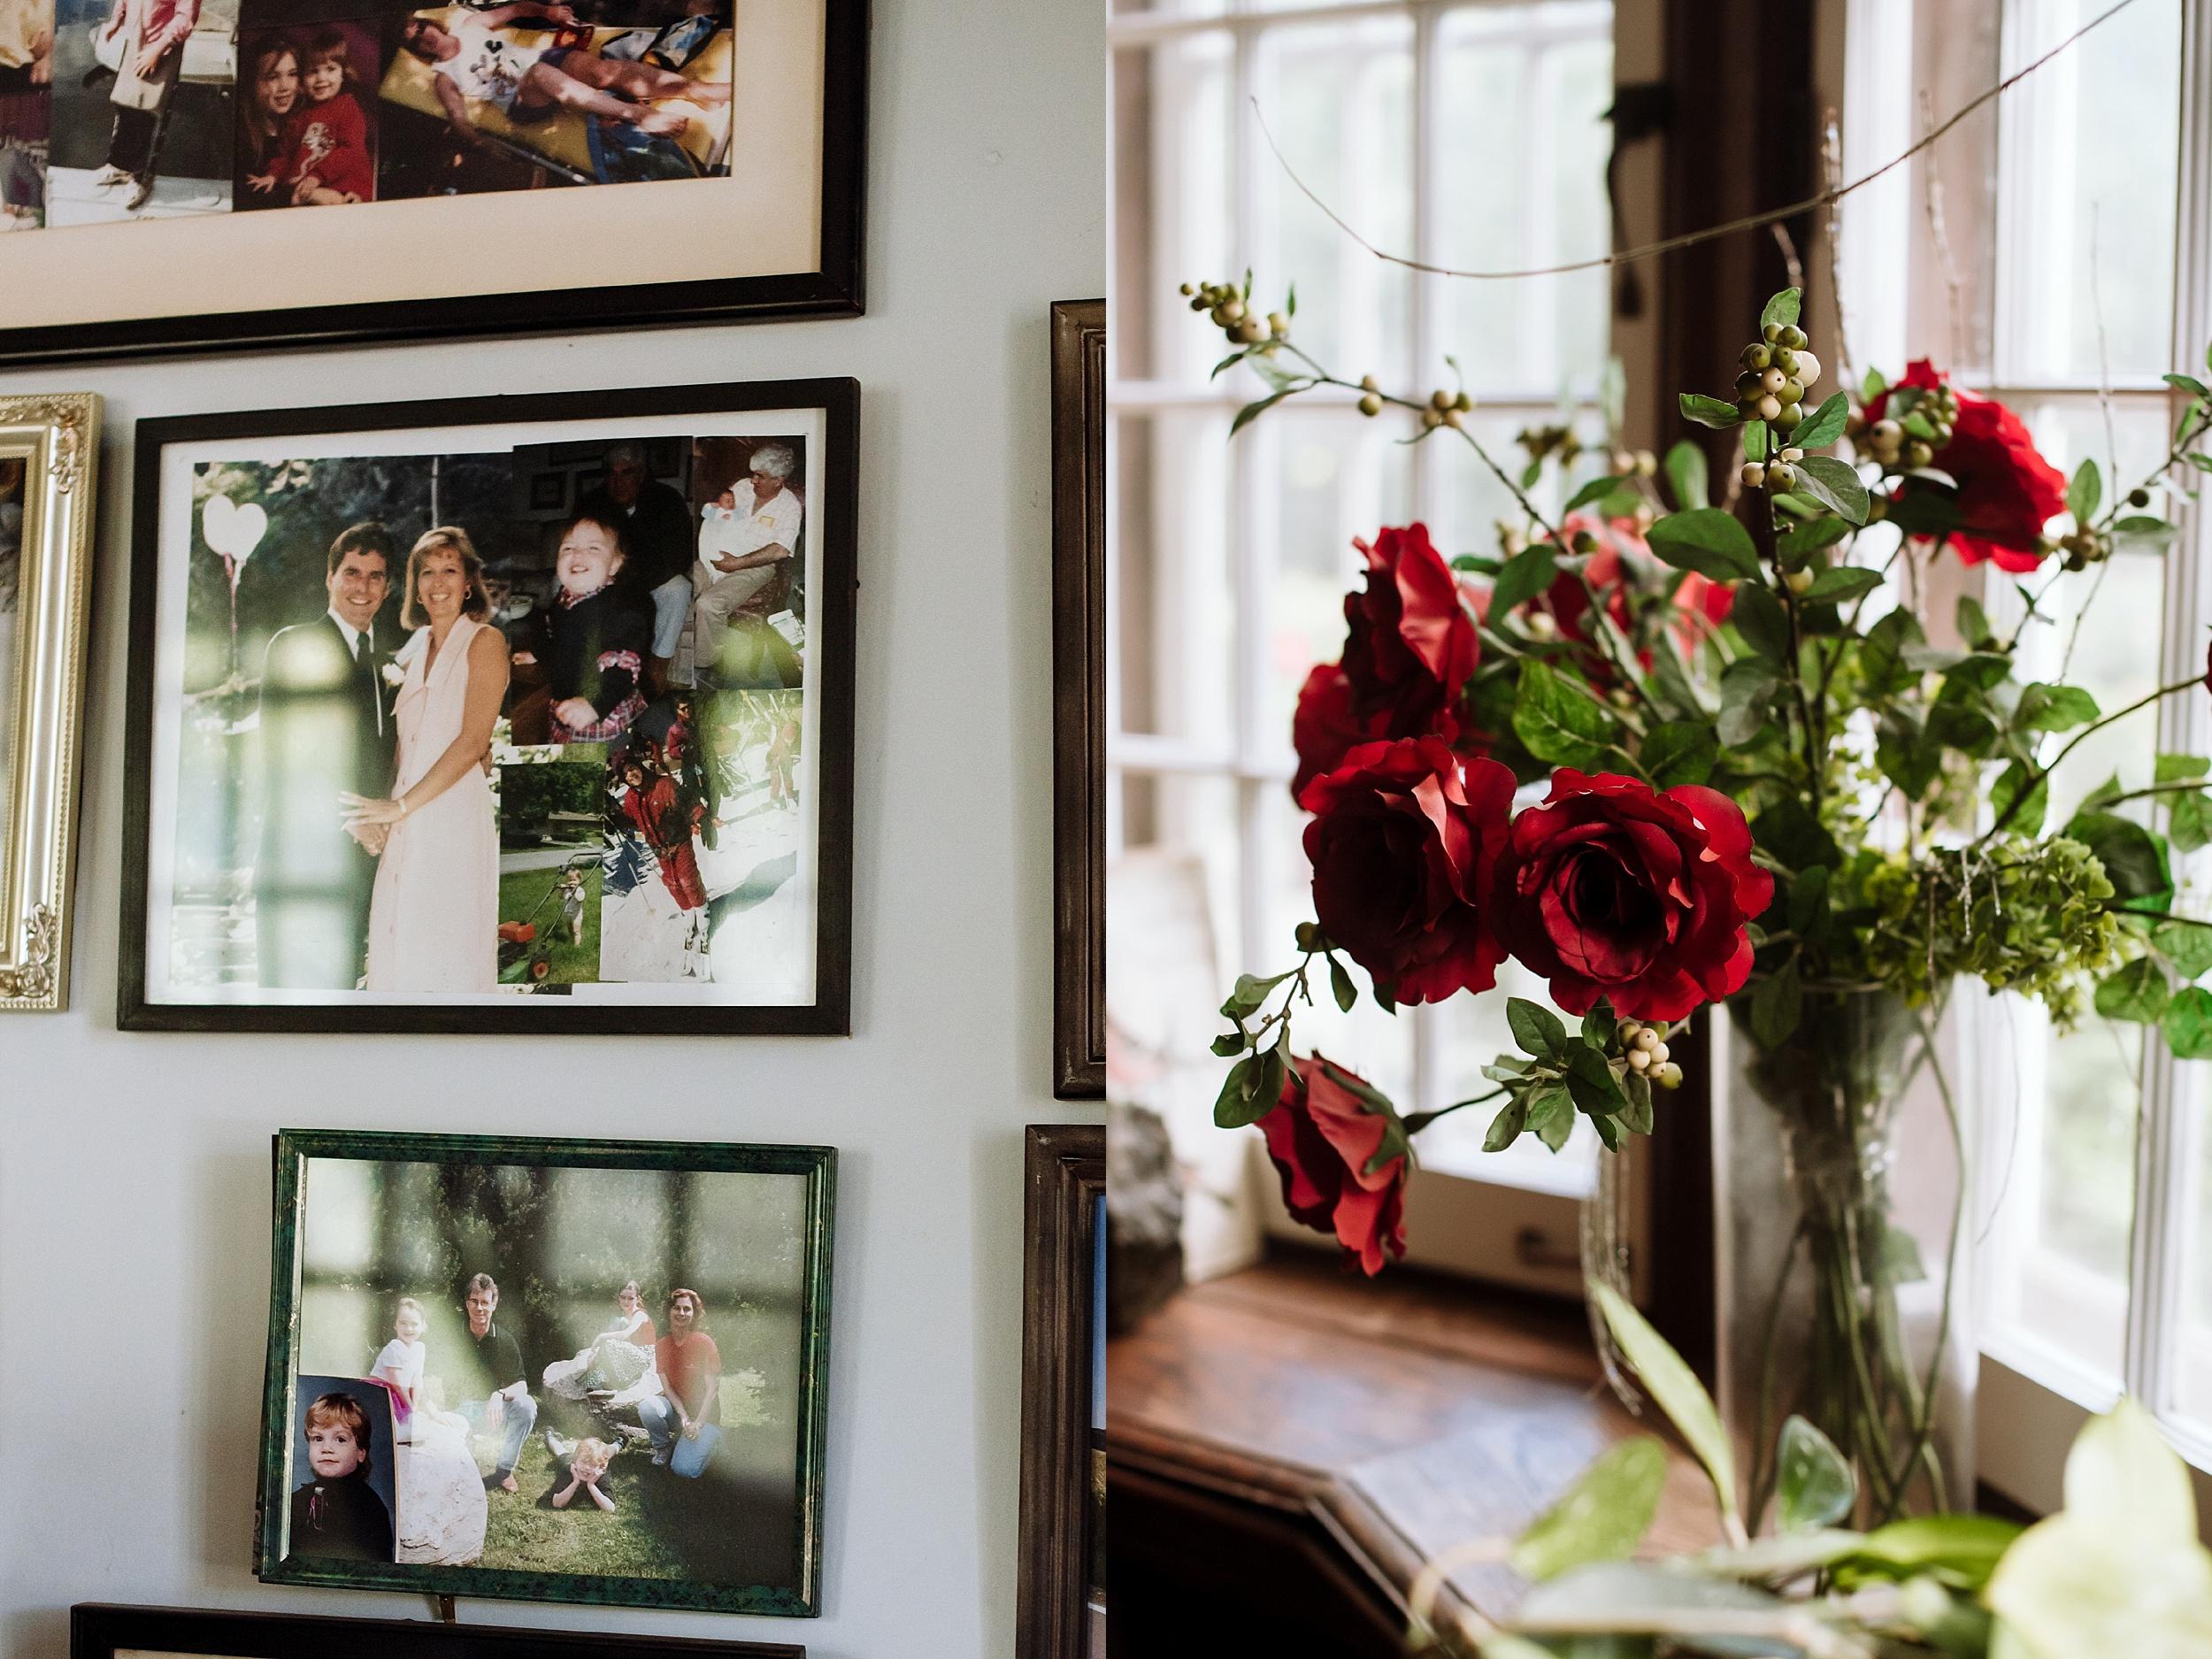 Rustic_Backyard_Wedding_Toronto_Photographer001.jpg